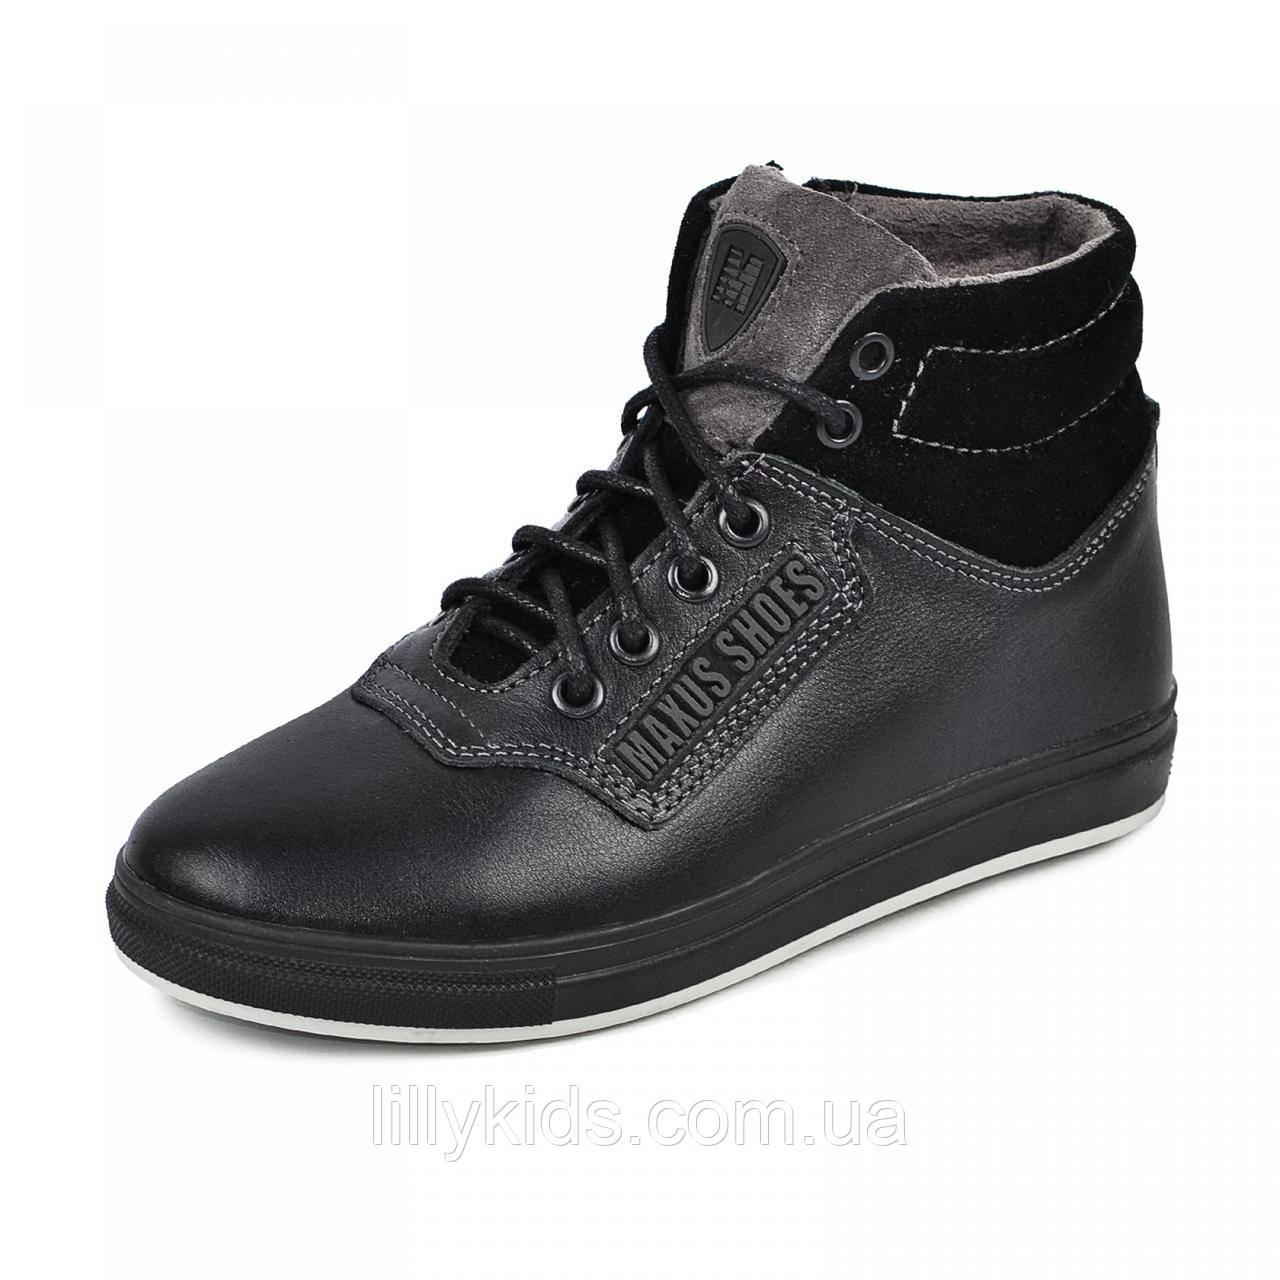 1b1bc775 Зимние ботинки из натуральной кожи на овчине детские подростковые , Maxus  shoes - Lillykids - всё